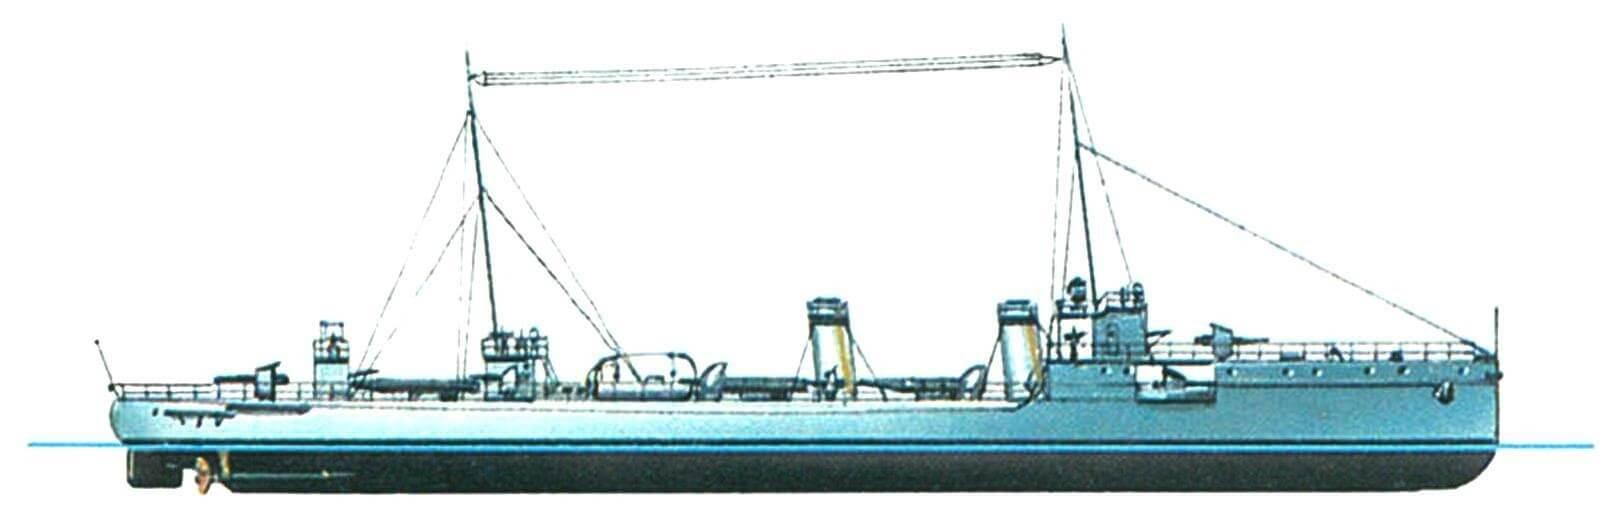 162. Минный крейсер «Всадник», Россия, 1906 г. Строился на верфи «Германия» в Киле. Водоизмещение проектное 570 т, фактическое 750 т. Длина наибольшая 71,8 м, ширина 7,4 м, осадка 2,5 м. Мощность двухвальной паросиловой установки 6400 л.с., скорость 25 узлов. Вооружение: как на «Эмире Бухарском». Всего построено четыре единицы: «Всадник», «Гайдамак», «Амурец» и «Уссуриец».